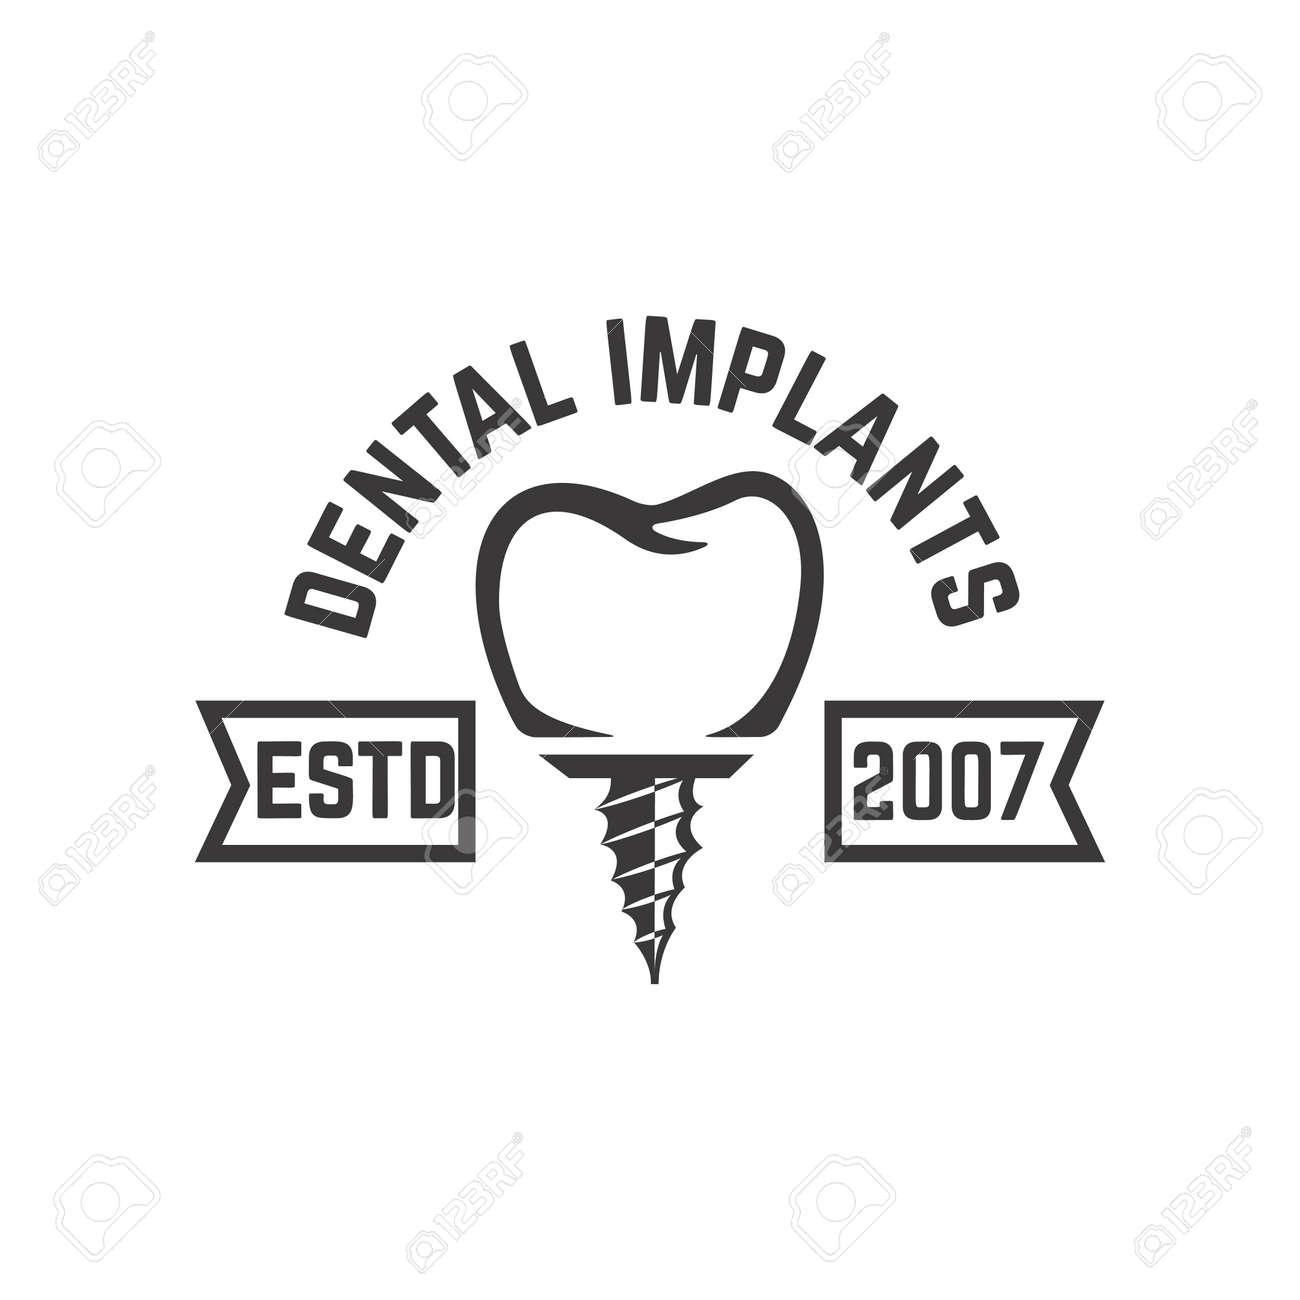 Dental clinic emblem template. Design element for poster, card, banner, sign. Vector illustration - 171625089